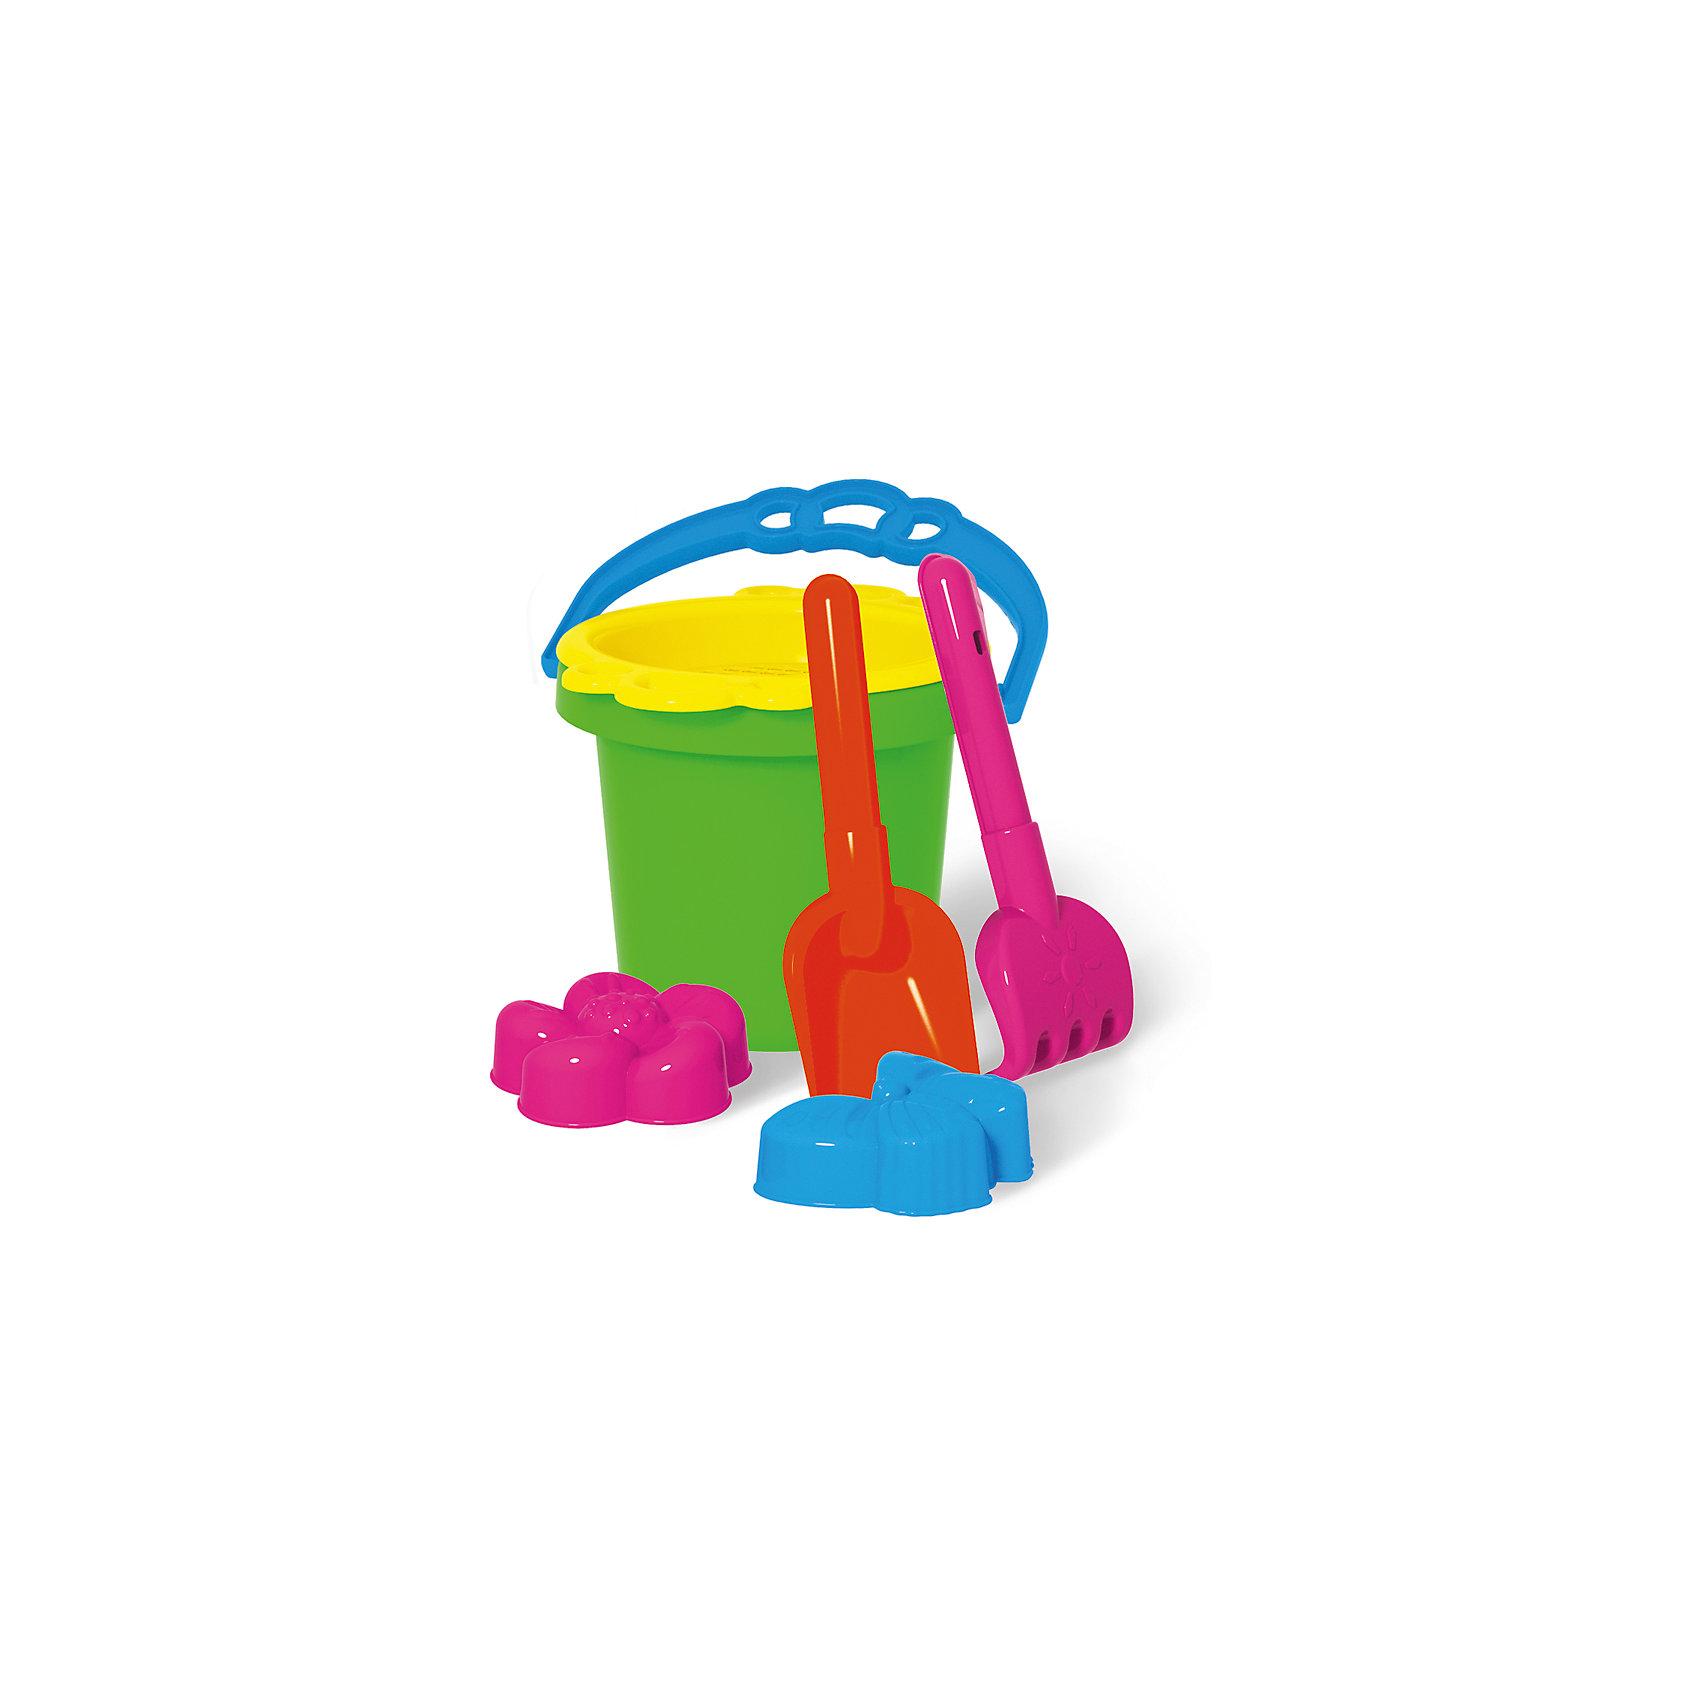 Песочный набор №112, СтелларПесочный набор – это лучший способ снабдить малыша всем необходимым для игр на улице. Малыши с удовольствием будут копать, разгребать и просеивать песок, делать куличики и строить города с помощью формочек.<br>Песочный набор может понадобиться и в домашних условиях для игр с сыпучими материалами и водой.<br>В играх с песочными наборами дети смогут натренировать руку для действий в быту, познакомиться со свойствами песка, земли, воды.<br><br>Ширина мм: 130<br>Глубина мм: 130<br>Высота мм: 160<br>Вес г: 300<br>Возраст от месяцев: 36<br>Возраст до месяцев: 2147483647<br>Пол: Унисекс<br>Возраст: Детский<br>SKU: 5508072